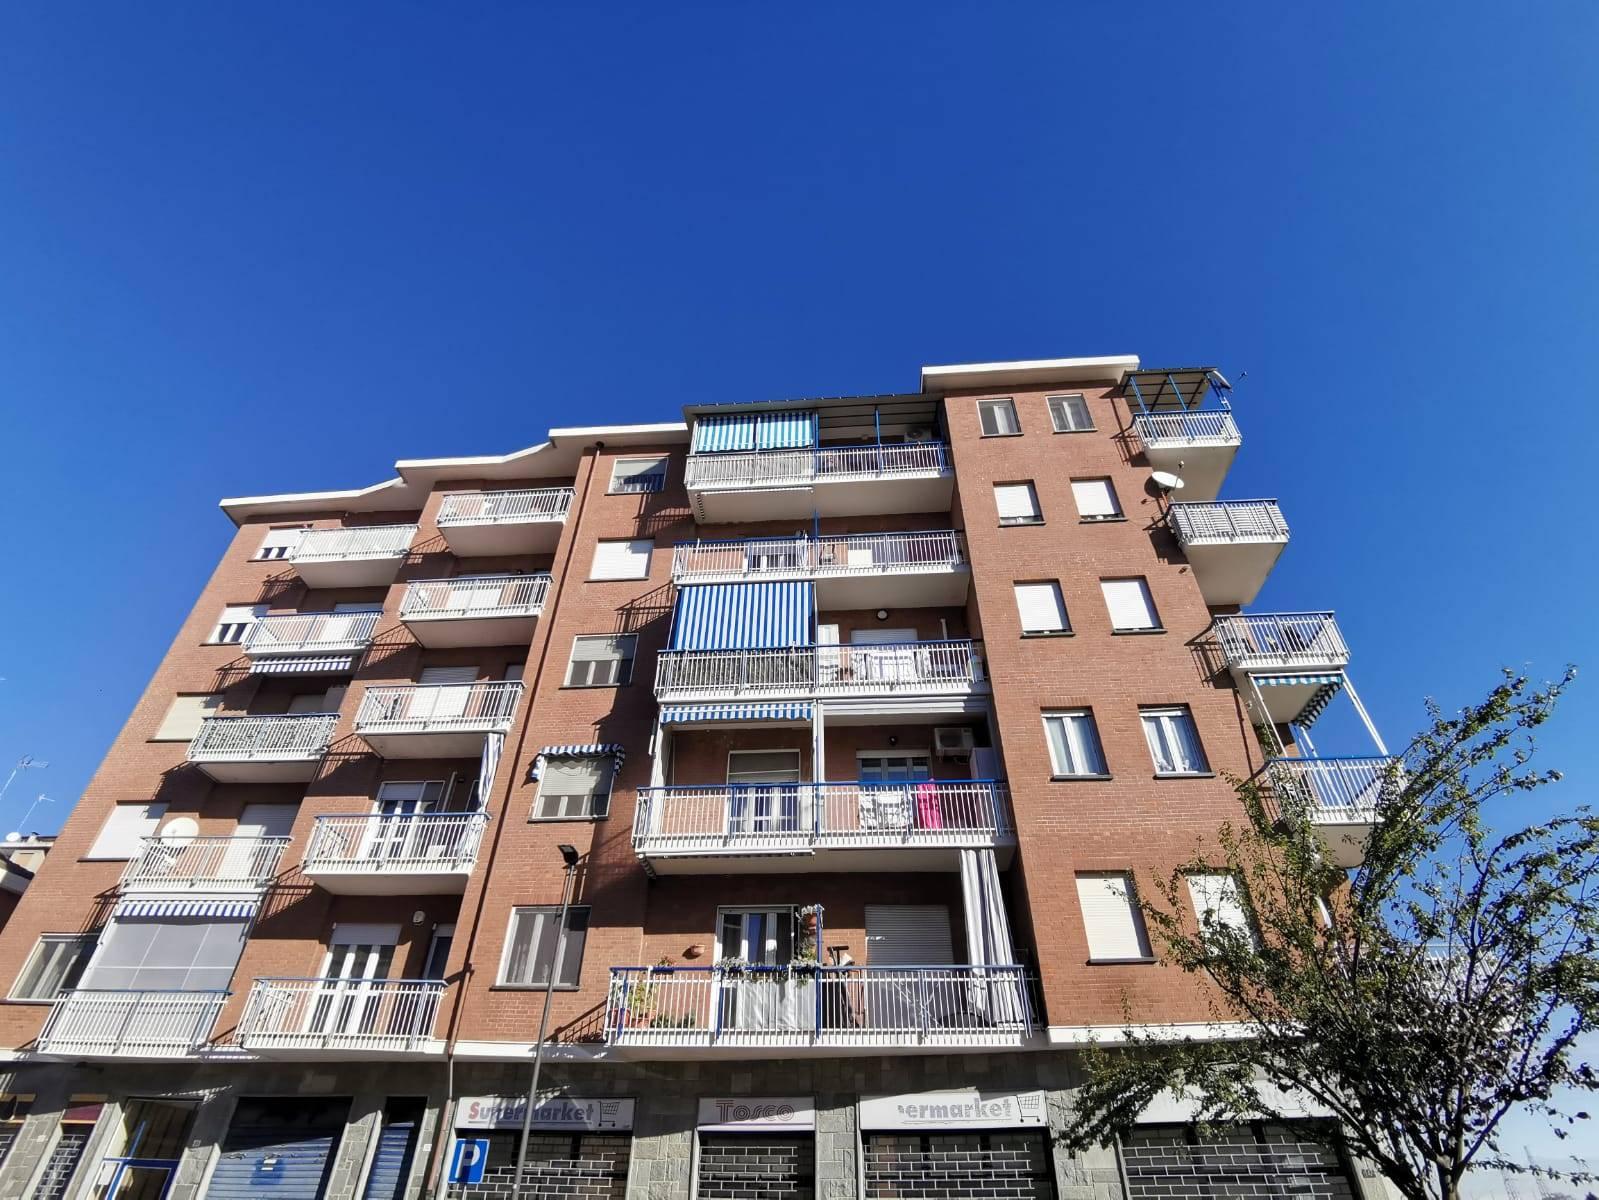 Appartamento in vendita a Rivalta di Torino, 3 locali, zona Località: TETTI FRANCESI, prezzo € 67.000   CambioCasa.it